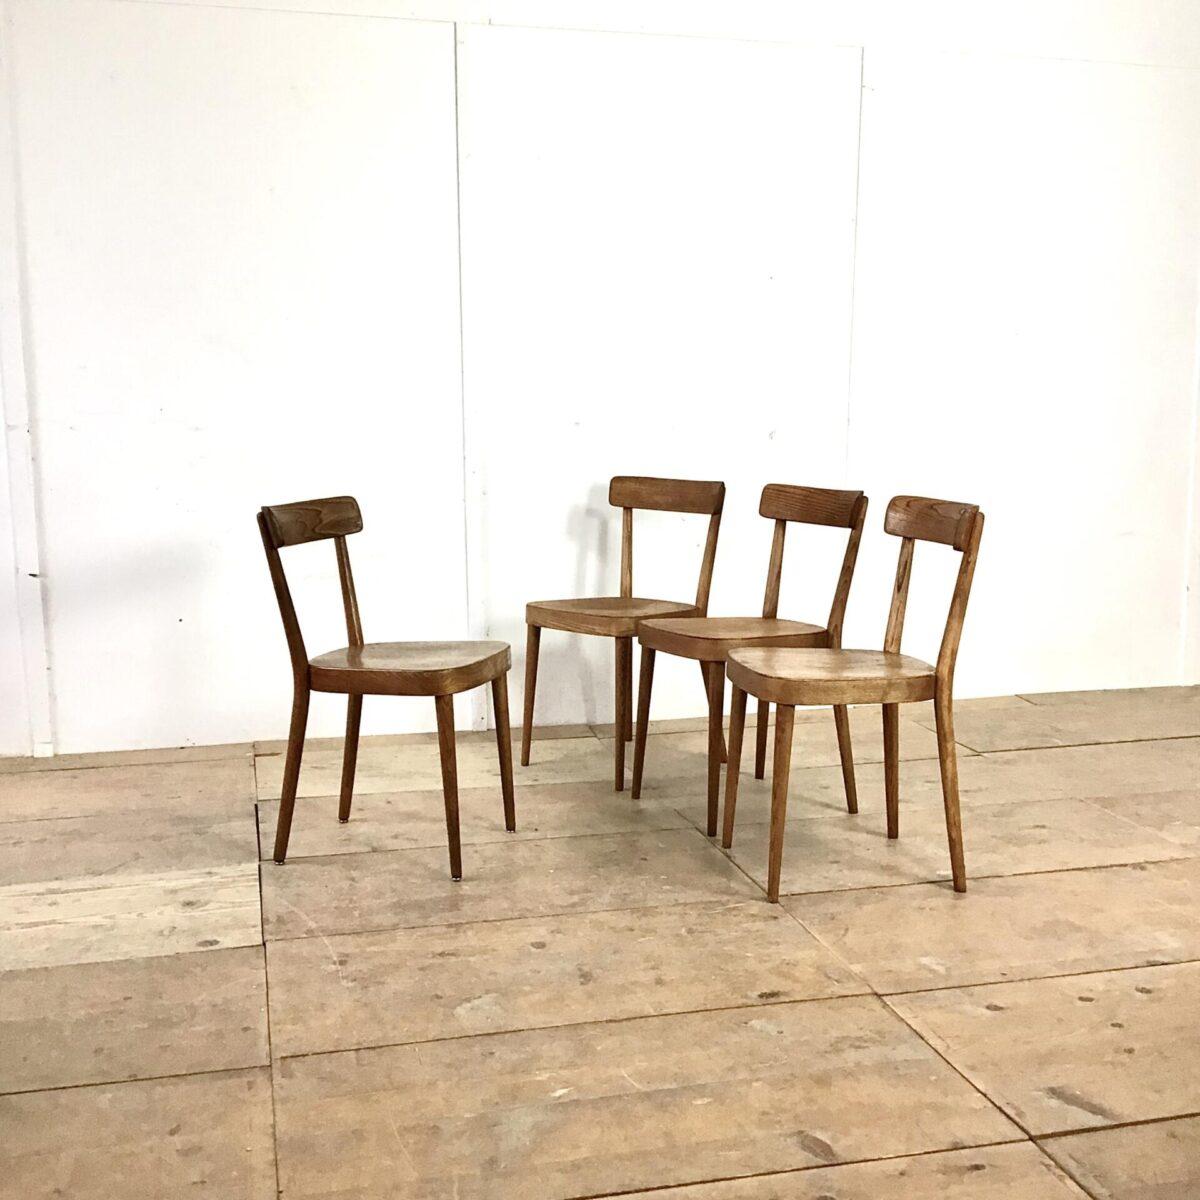 4 Horgenglarus Stühle von Werner Max Moser preis pro Stuhl. Die Stühle sind aus Esche dunkelbraun gebeizt. Beine rund verjüngend. Hinterbeine Dampfgebogen mit sehr schönem Abschluss hinter der Lehne. Die Rückenlehne ist im Vergleich zu anderen Horgenglarus Stühlen sehr minimal gehalten, nur auf das nötigste reduziert. Was auch auf den ganzen Stuhl zutrifft, trotzdem kommen Ergonomie und Stabilität nicht zu kurz.